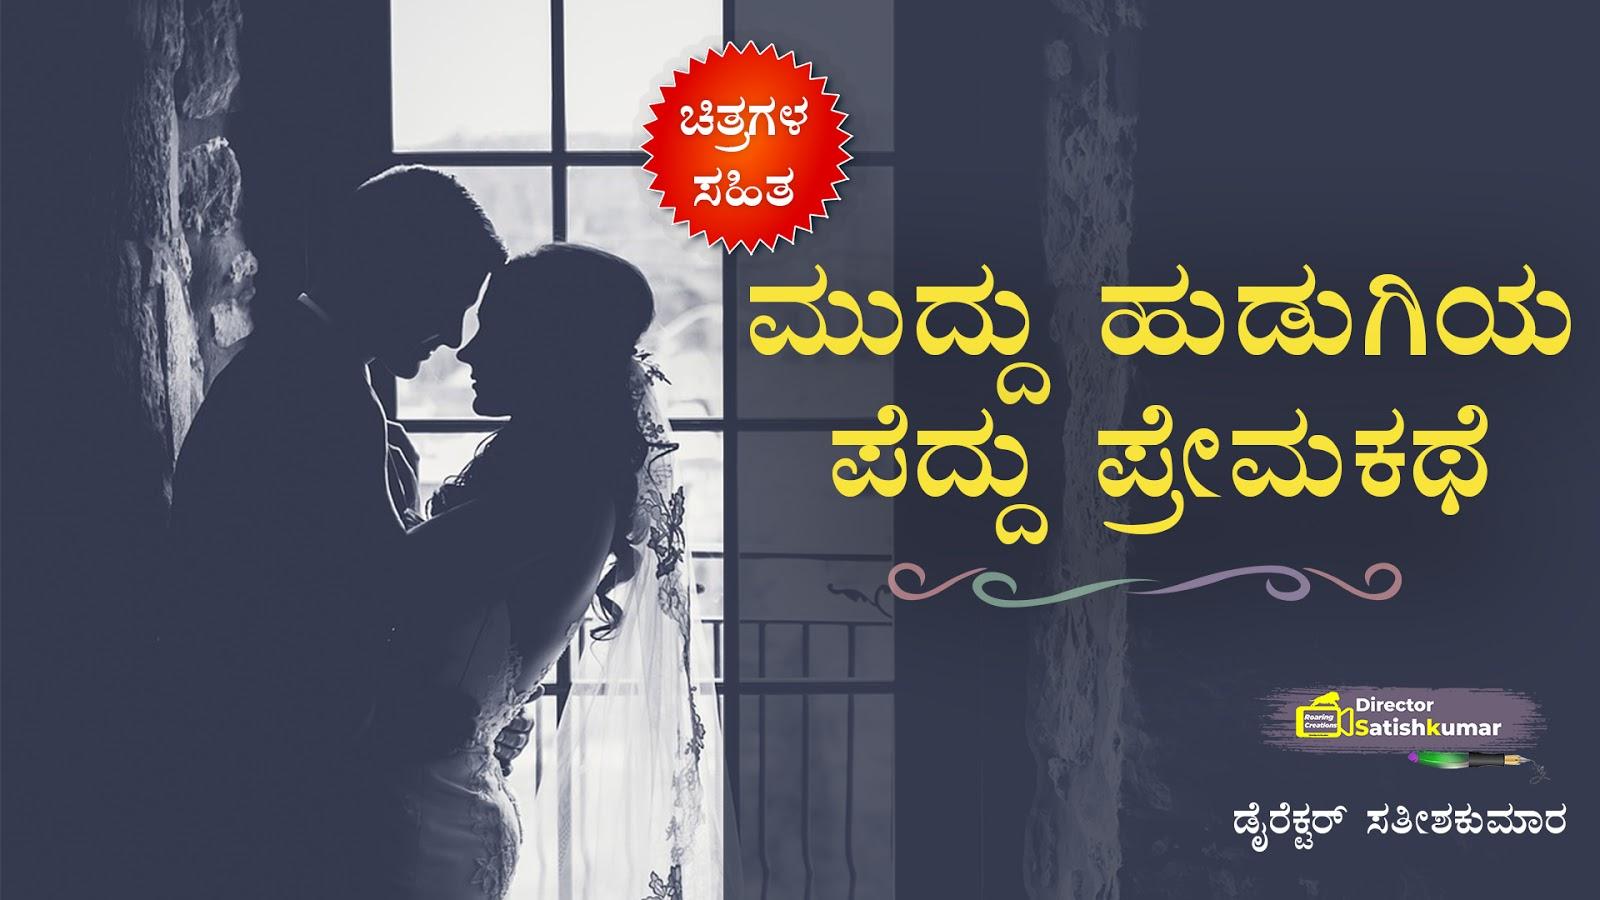 ಮುದ್ದು ಹುಡುಗಿಯ ಪೆದ್ದು ಪ್ರೇಮಕಥೆ - Kannada Sad Love Story - ಕನ್ನಡ ಕಥೆ ಪುಸ್ತಕಗಳು - Kannada Story Books -  E Books Kannada - Kannada Books